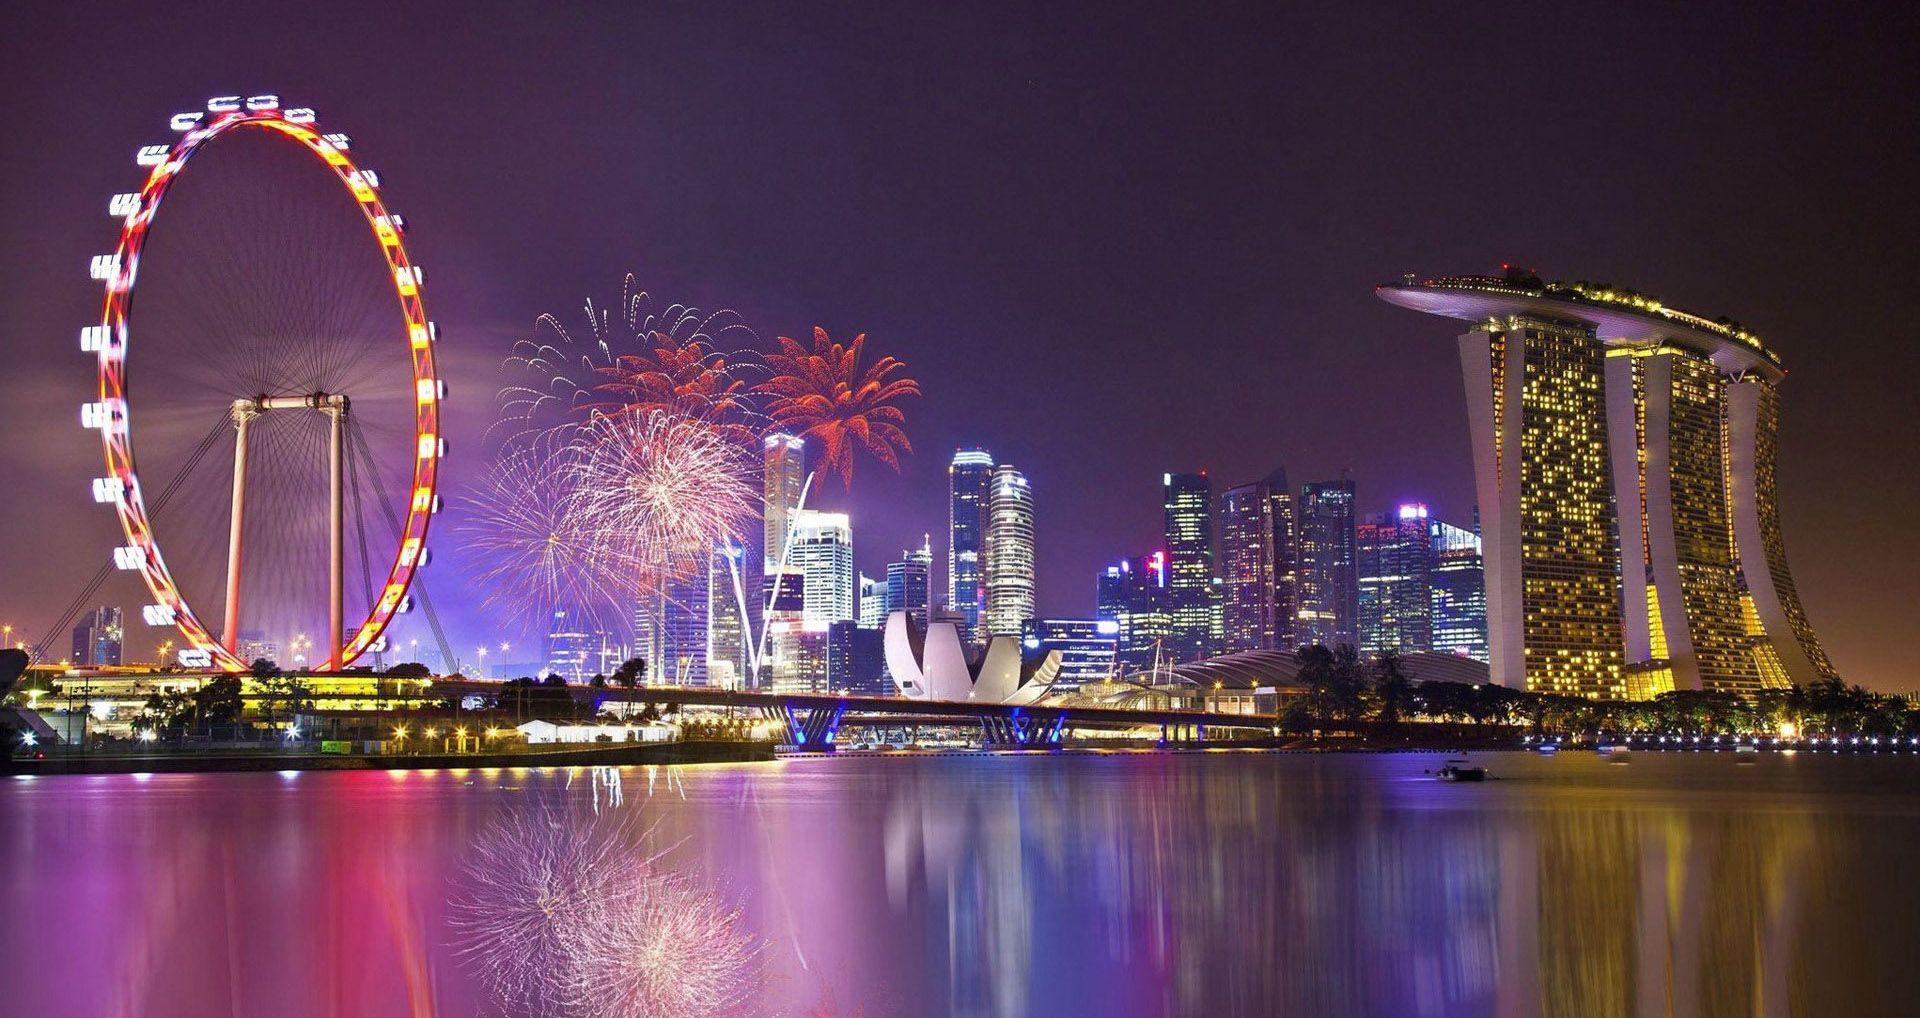 新加坡一地4晚6日游(新航直飞不转机,纯玩无购物,全程首选五星金沙酒店,休闲美食街,网红摩天轮,美食珍宝辣蟹宴)